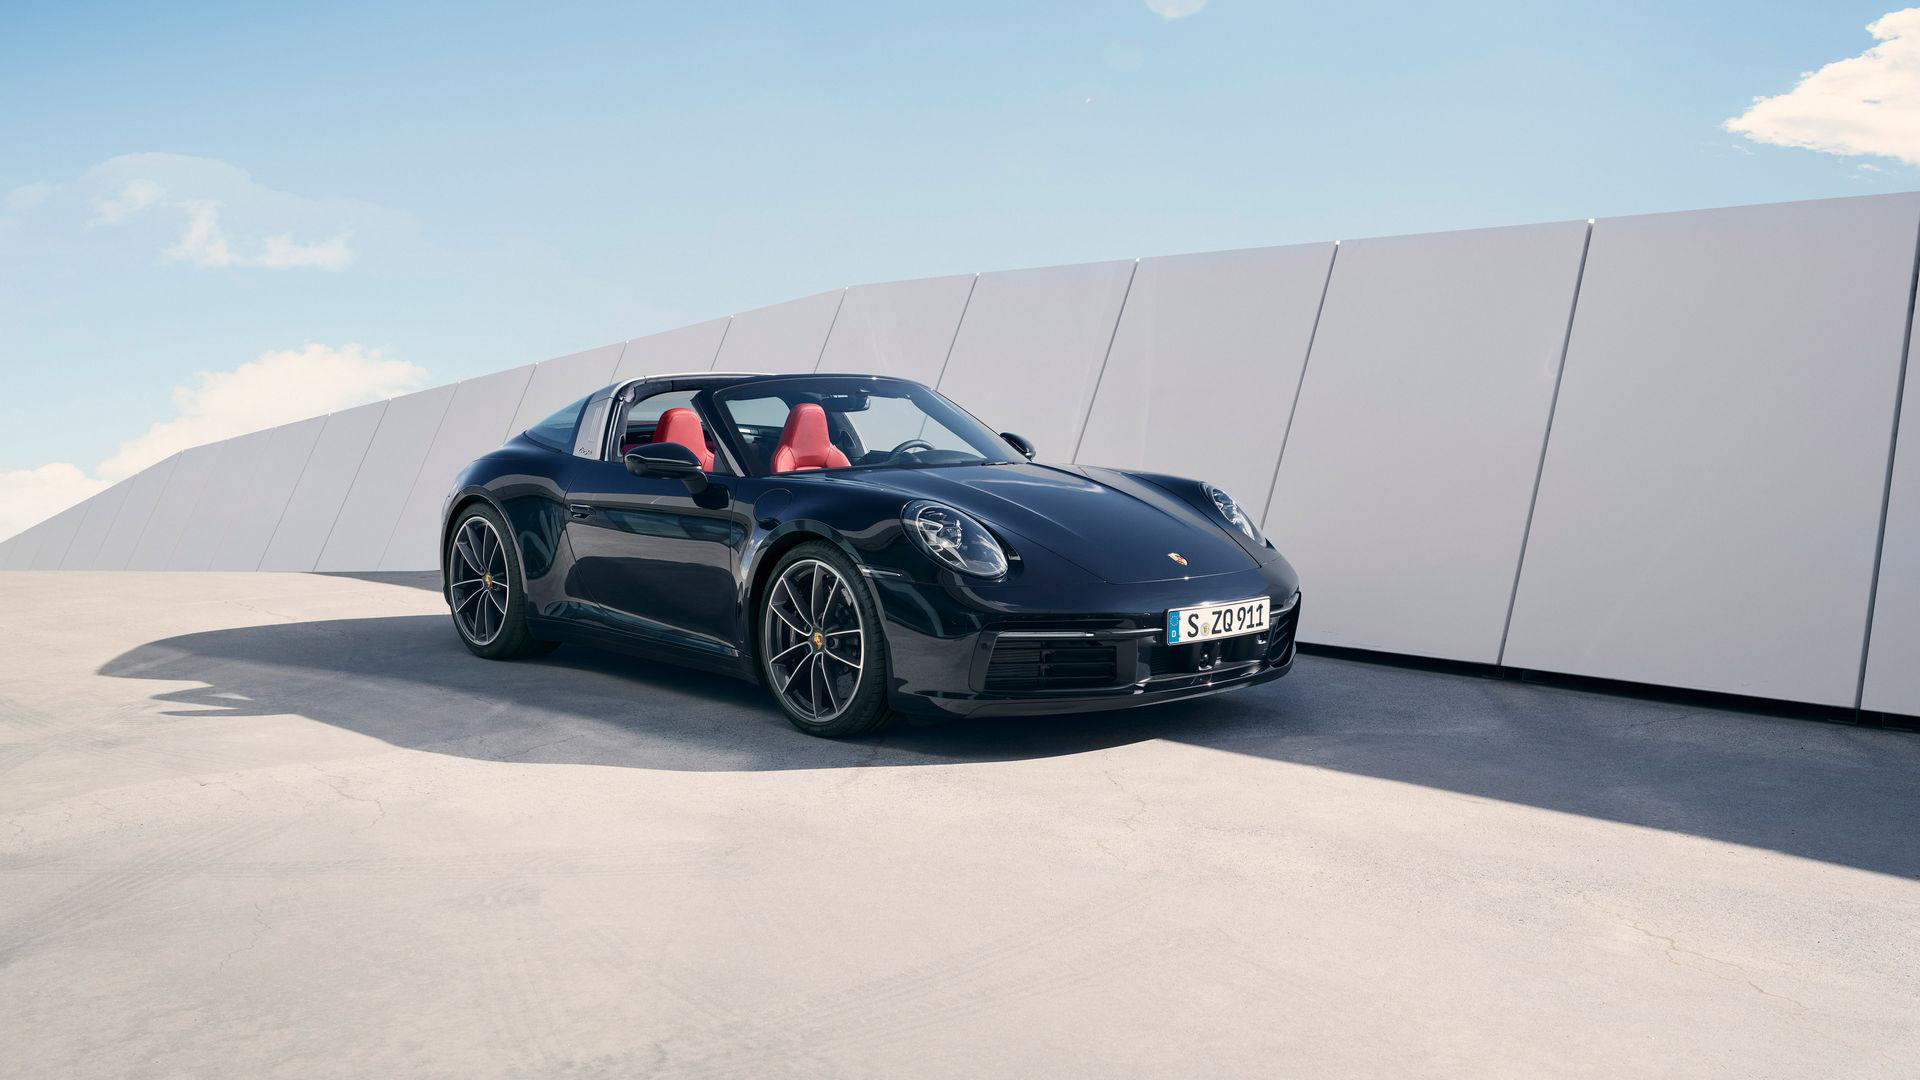 El Porsche 911 Targa recupera la esencia clásica del deportivo   Supercoches   Motor EL PAÍS